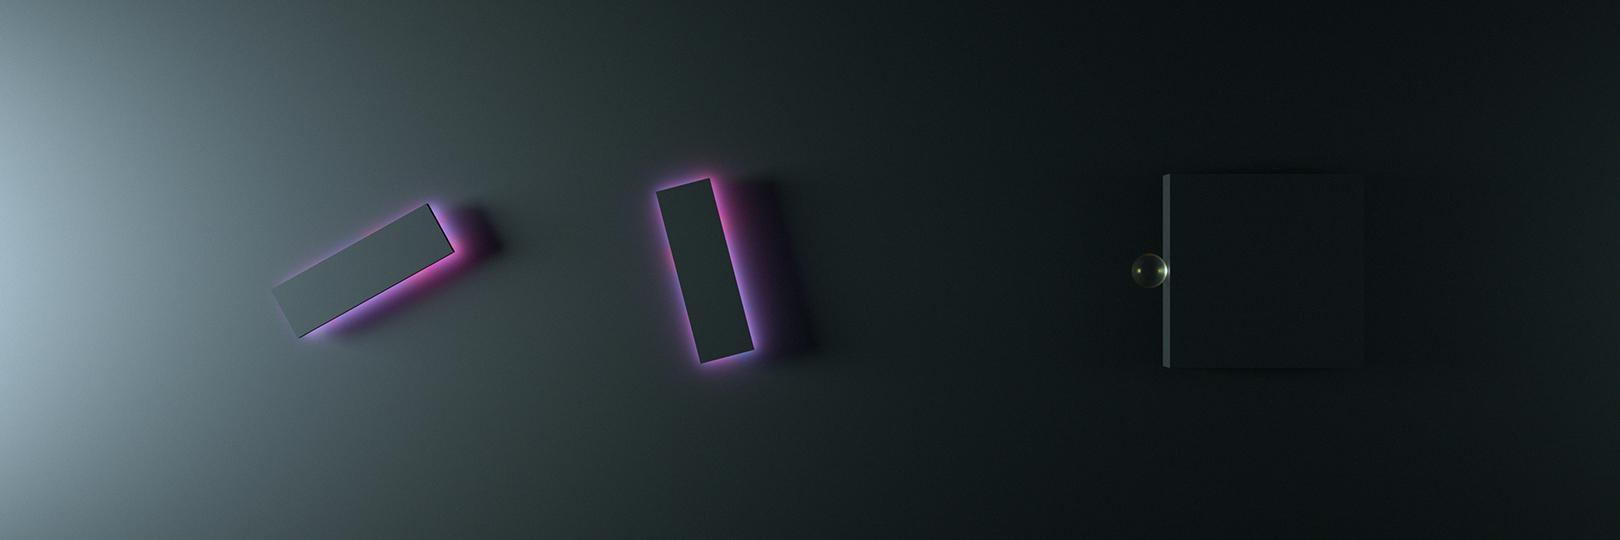 Eclipse-dark01 (0-00-00-00).jpg